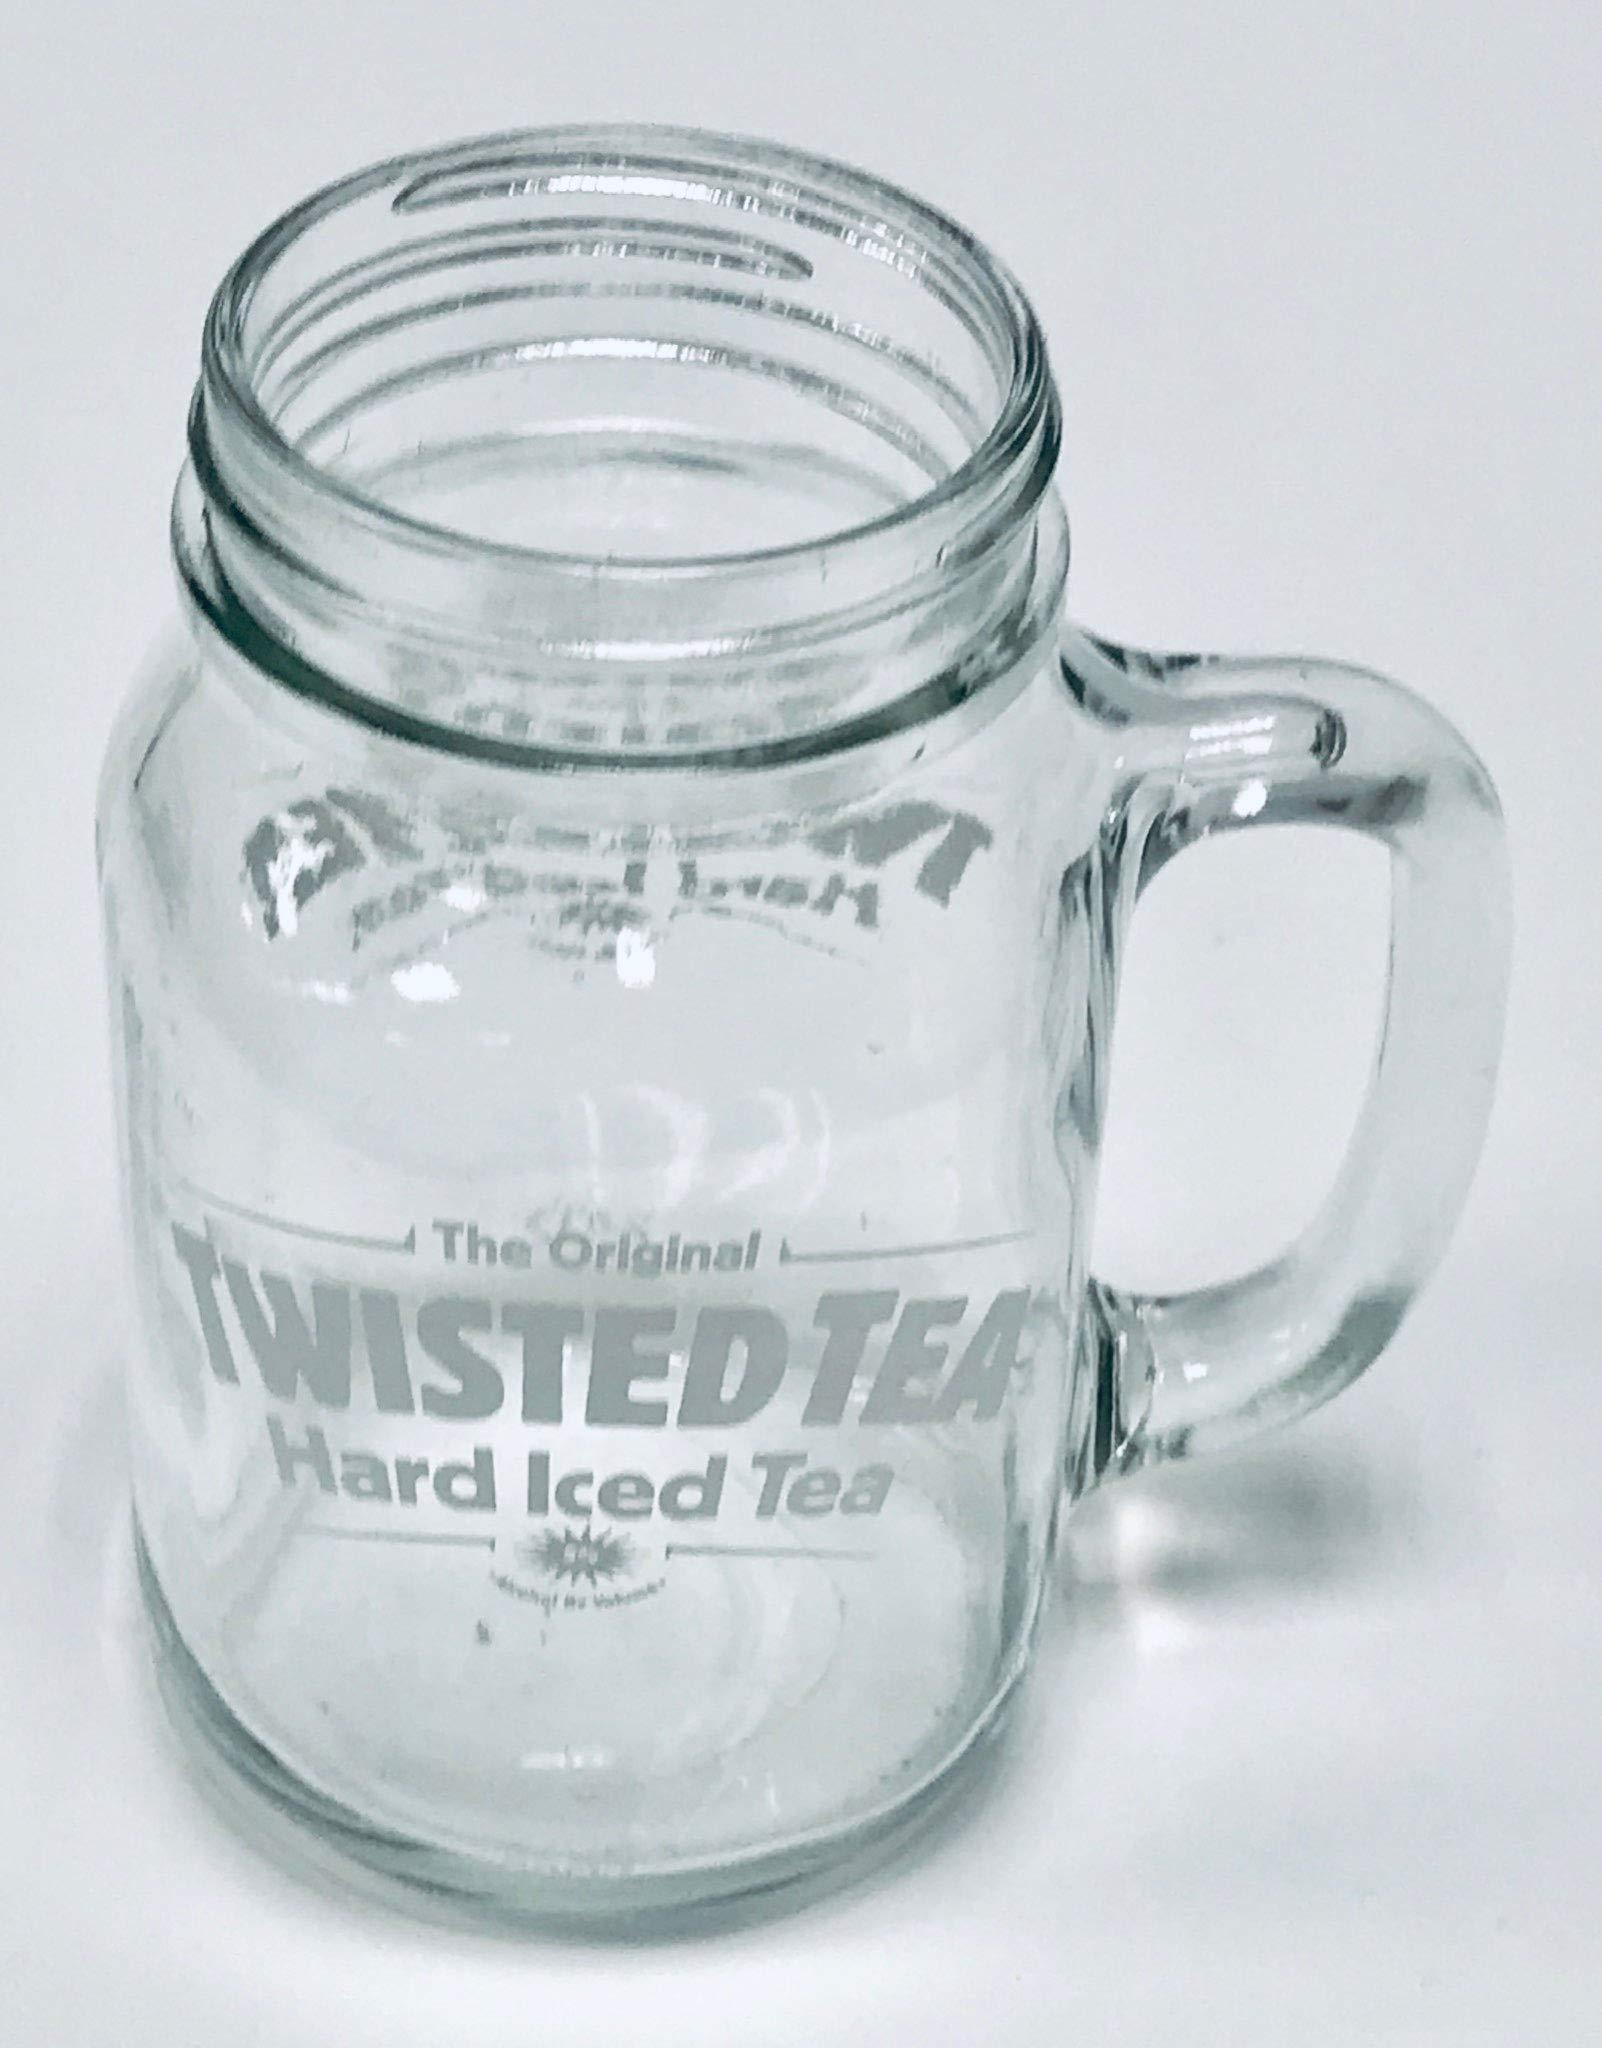 Twisted Tea 22oz Mason Jar Mugs | Set of Two (2) by Twisted Tea (Image #3)